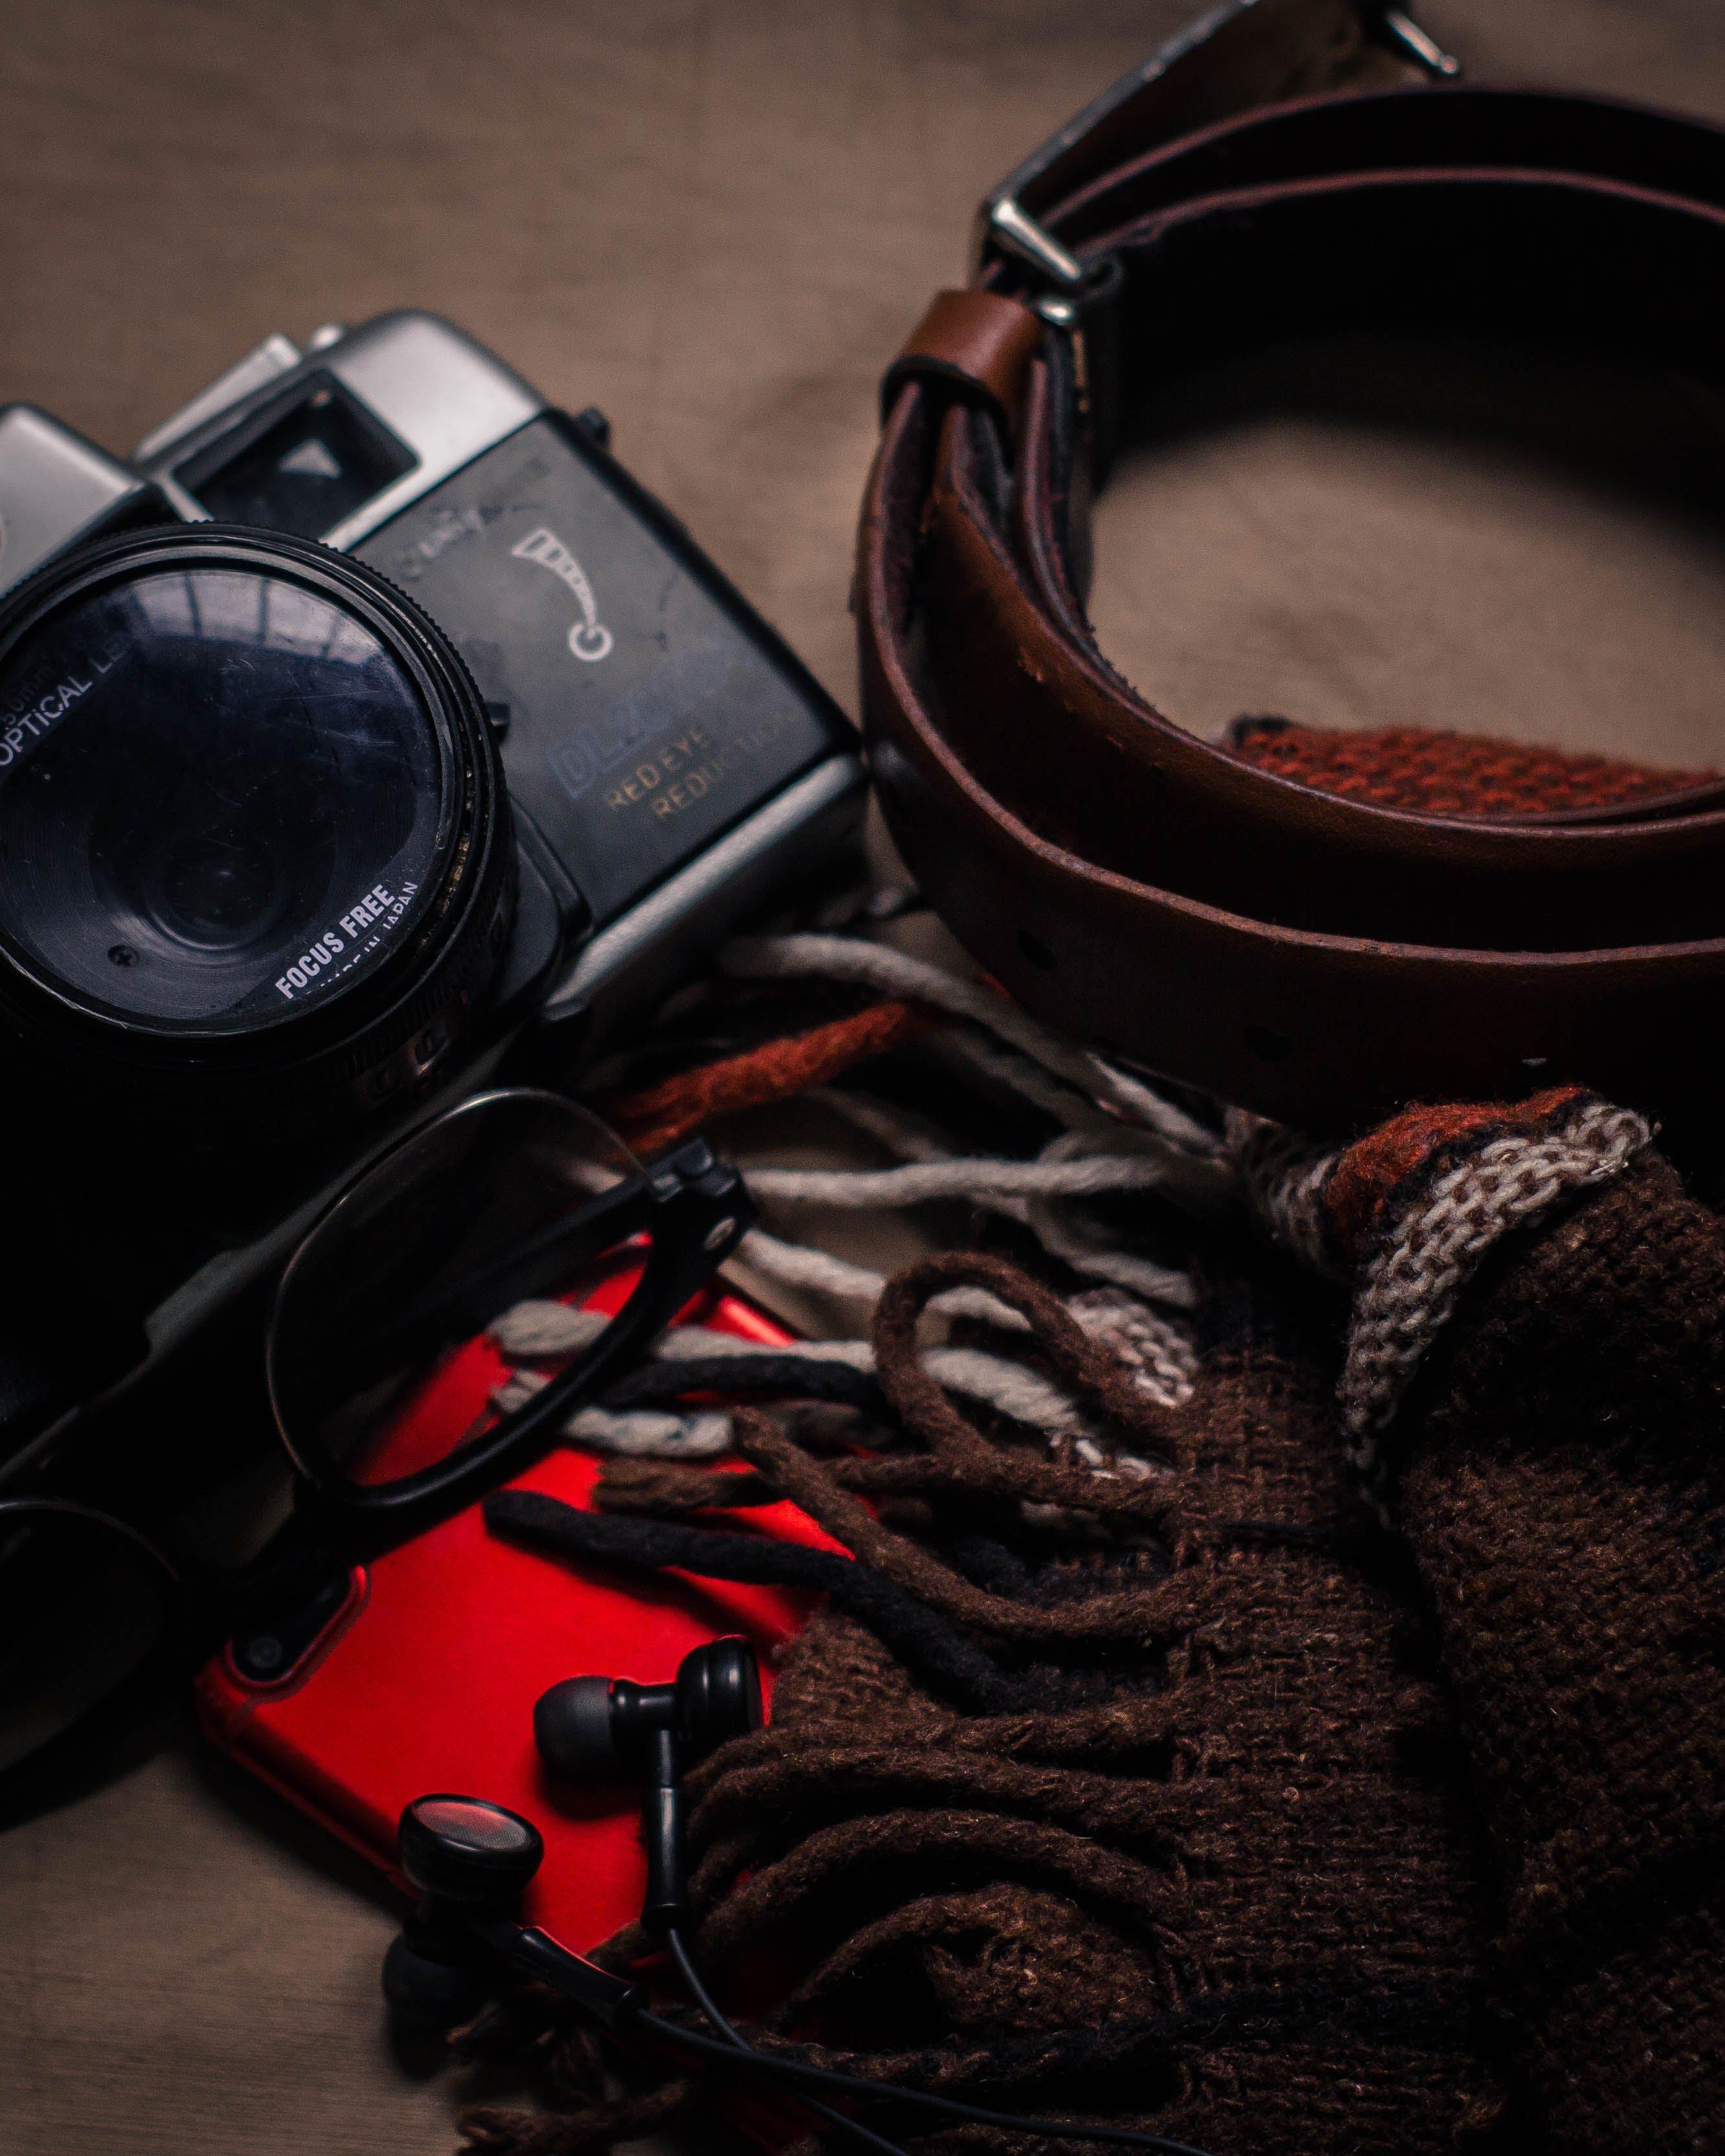 Δωρεάν στοκ φωτογραφιών με γκρο πλαν, δέρμα, εξοπλισμός, εστιάζω